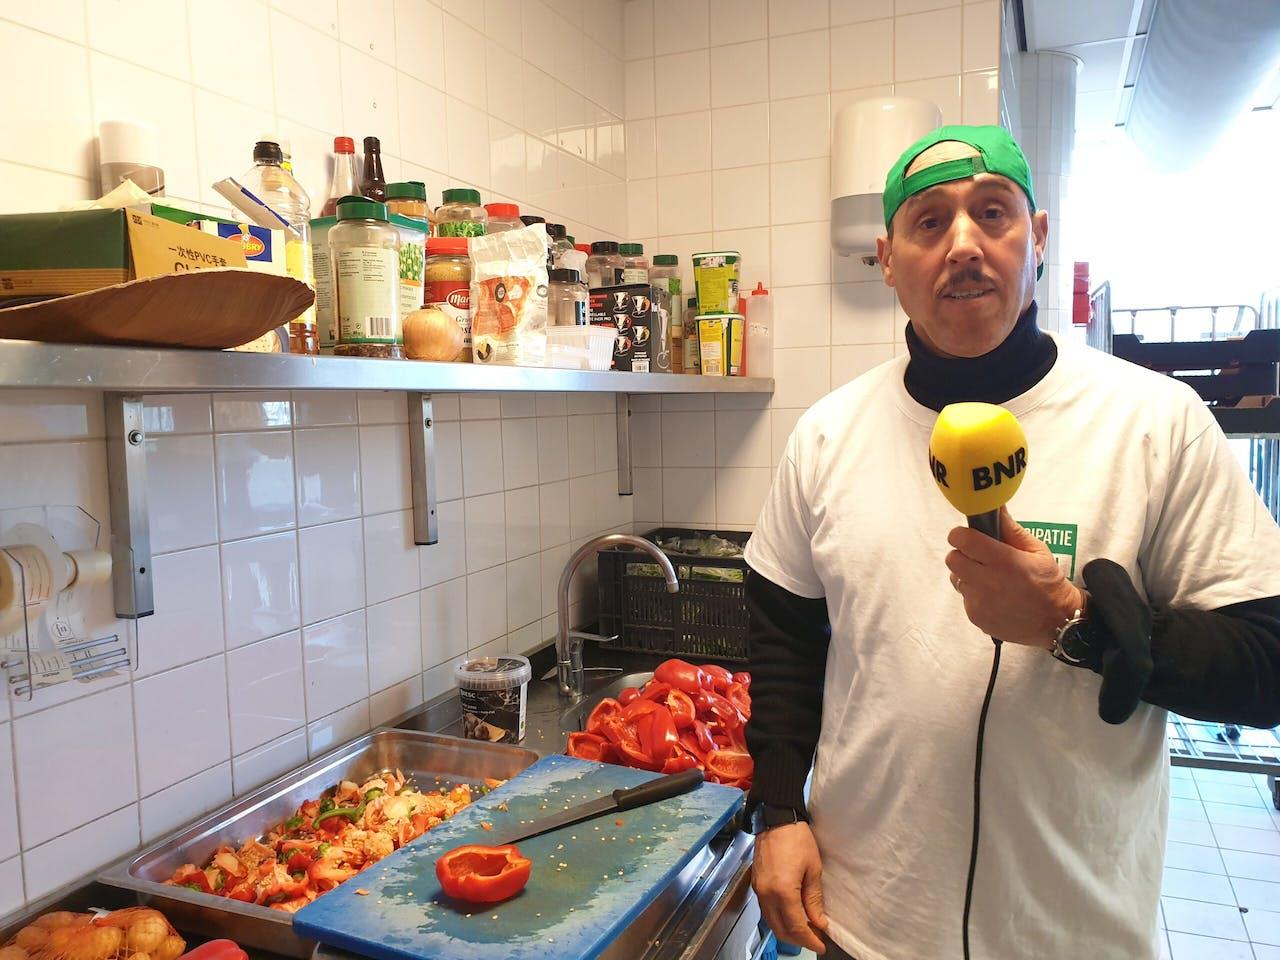 Ben Lachhab kookt in één van de keukens in het ADO-stadion.